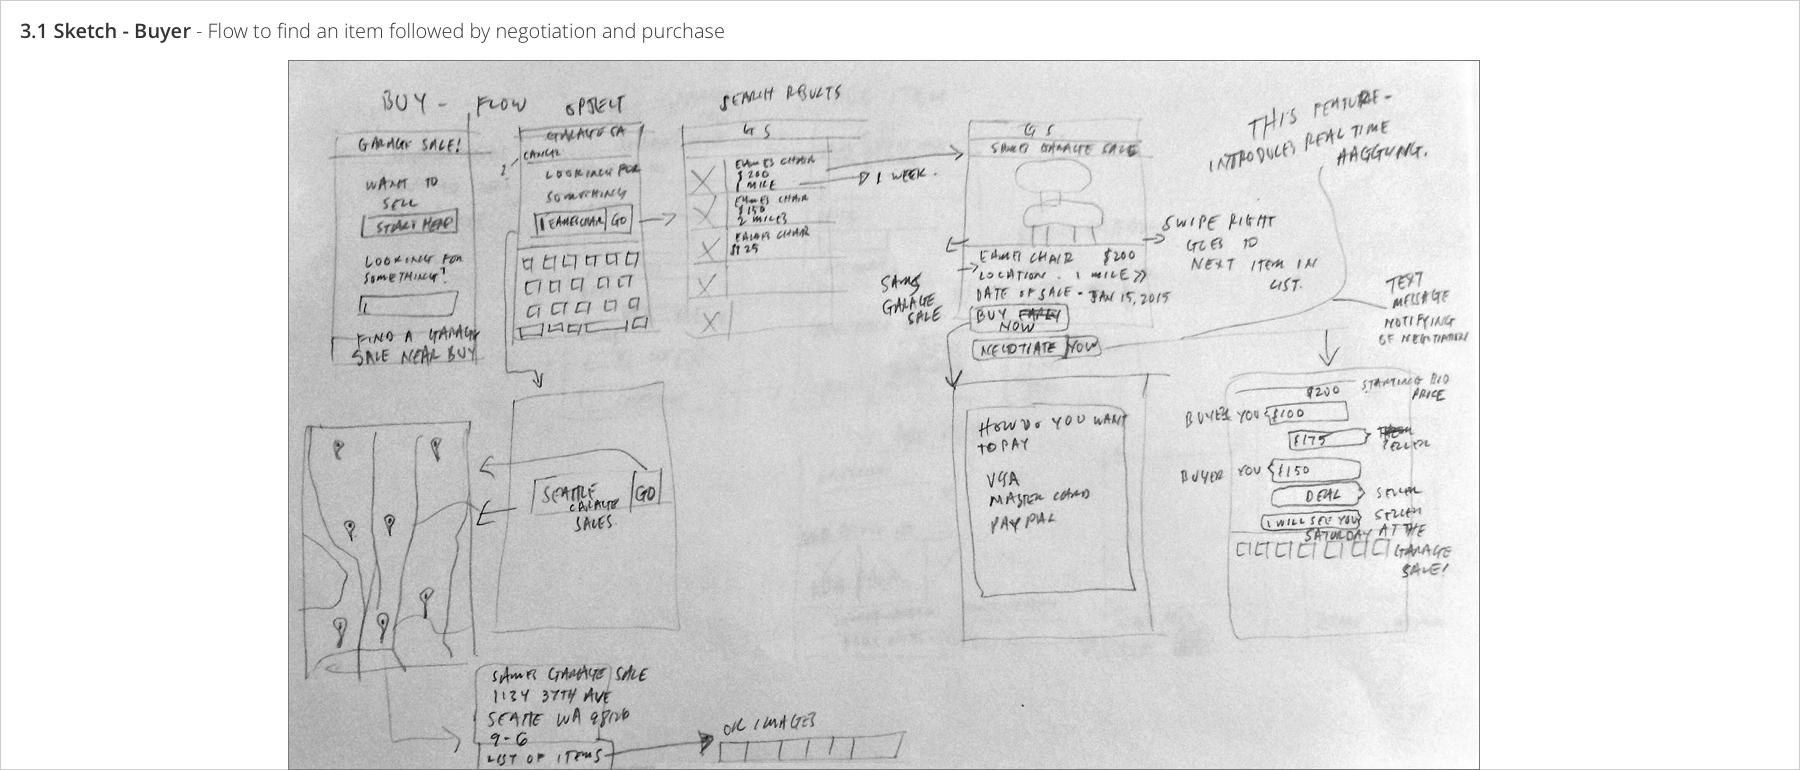 Sketch - Buyer